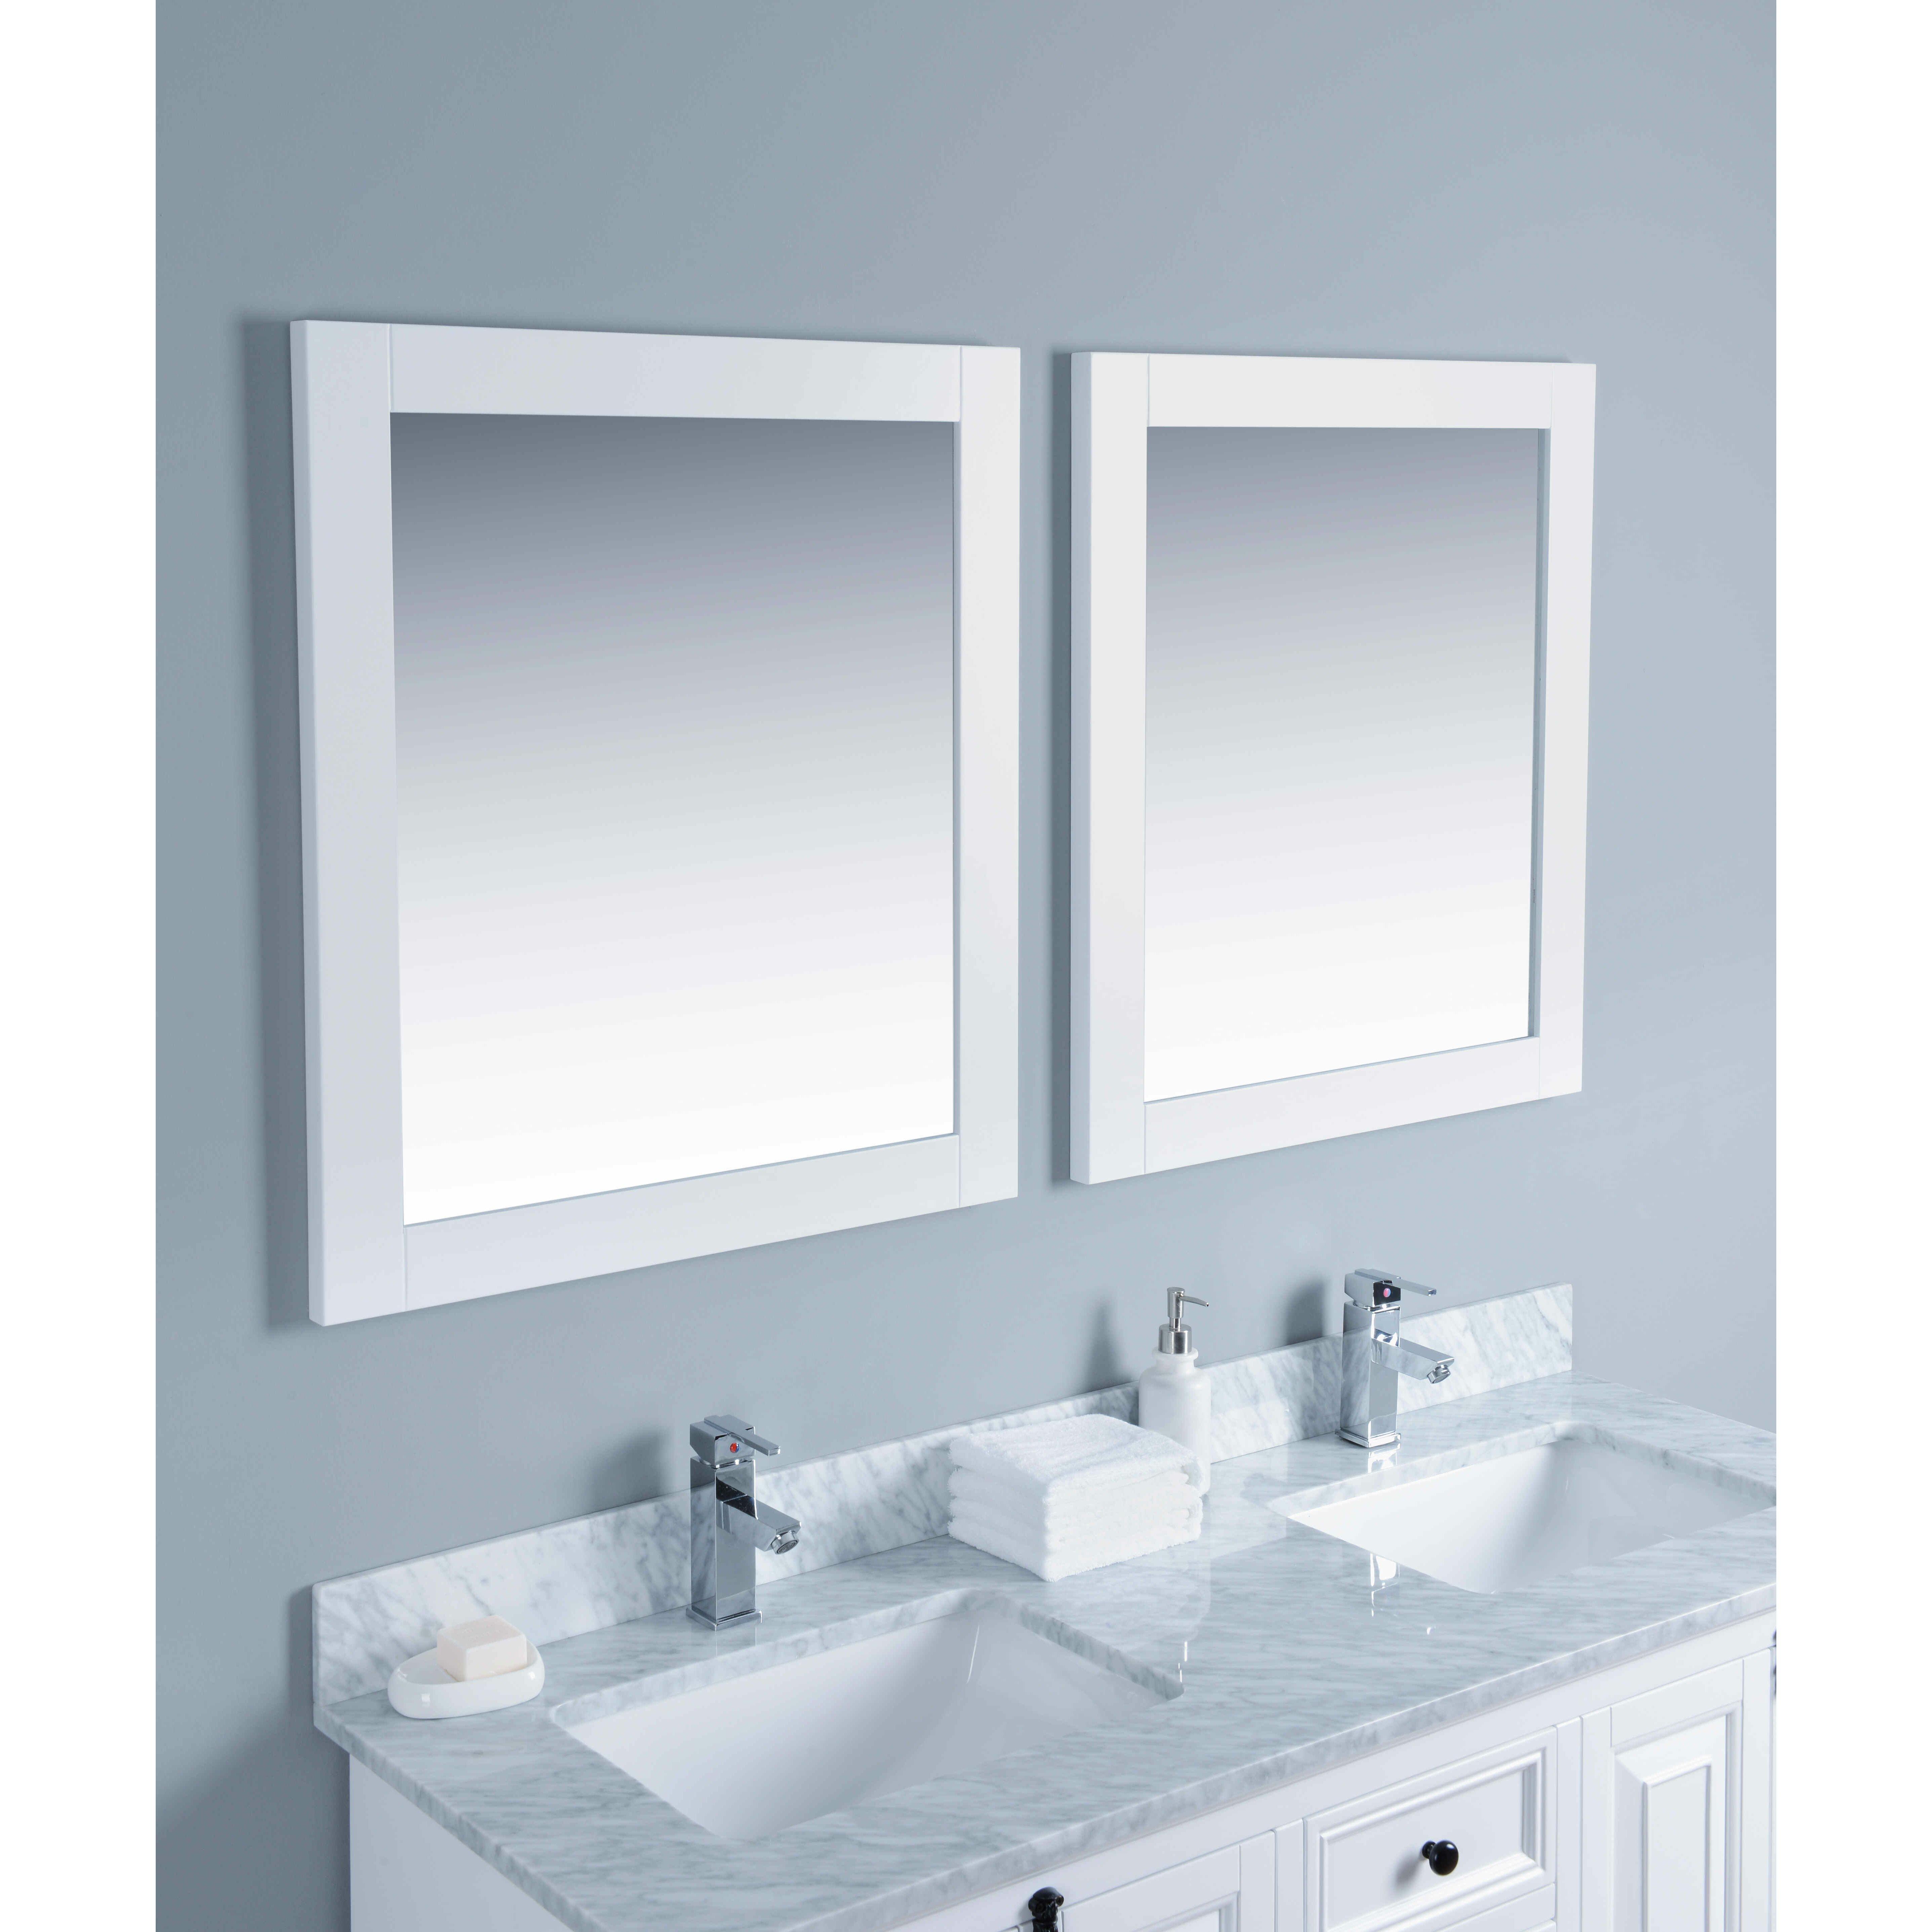 60 Bathroom Mirror 60 Bathroom Mirror Buy Low Price Superiorbath 30 Inches